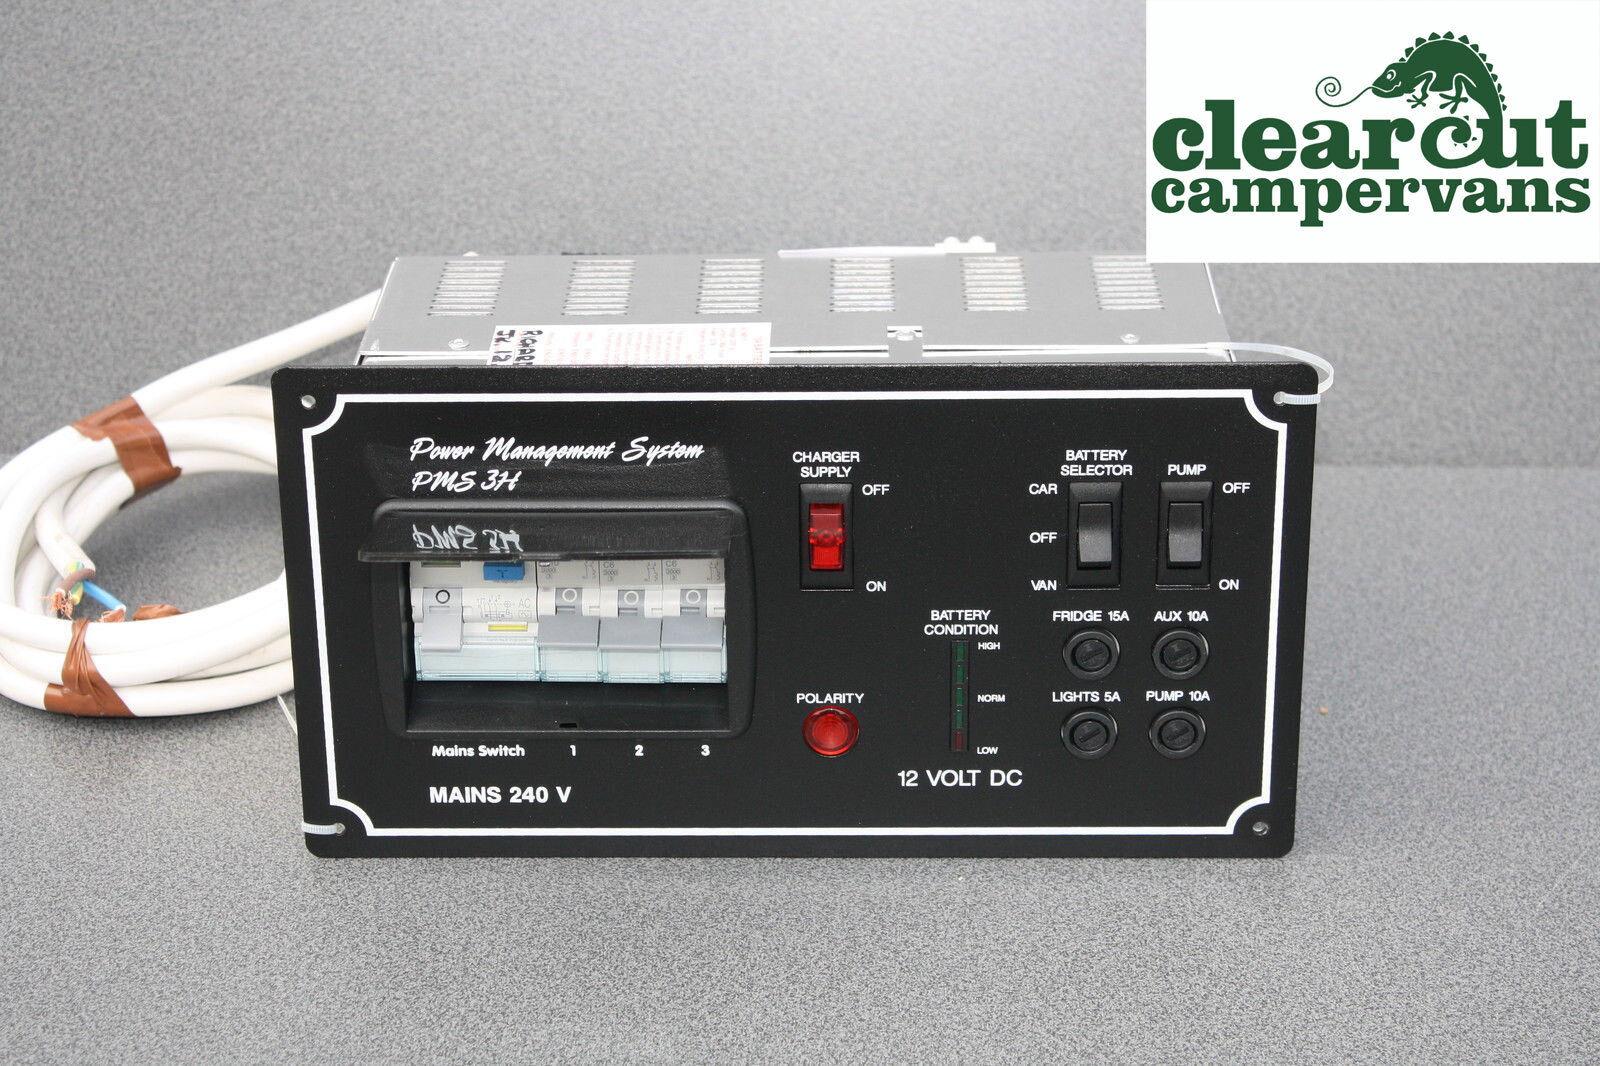 Pms3 Campervan Motorhome Power Management240v Electric Hook Up Wiring Diagram Rcd 240v For A Caravan Pms3h Management System Battery Charger